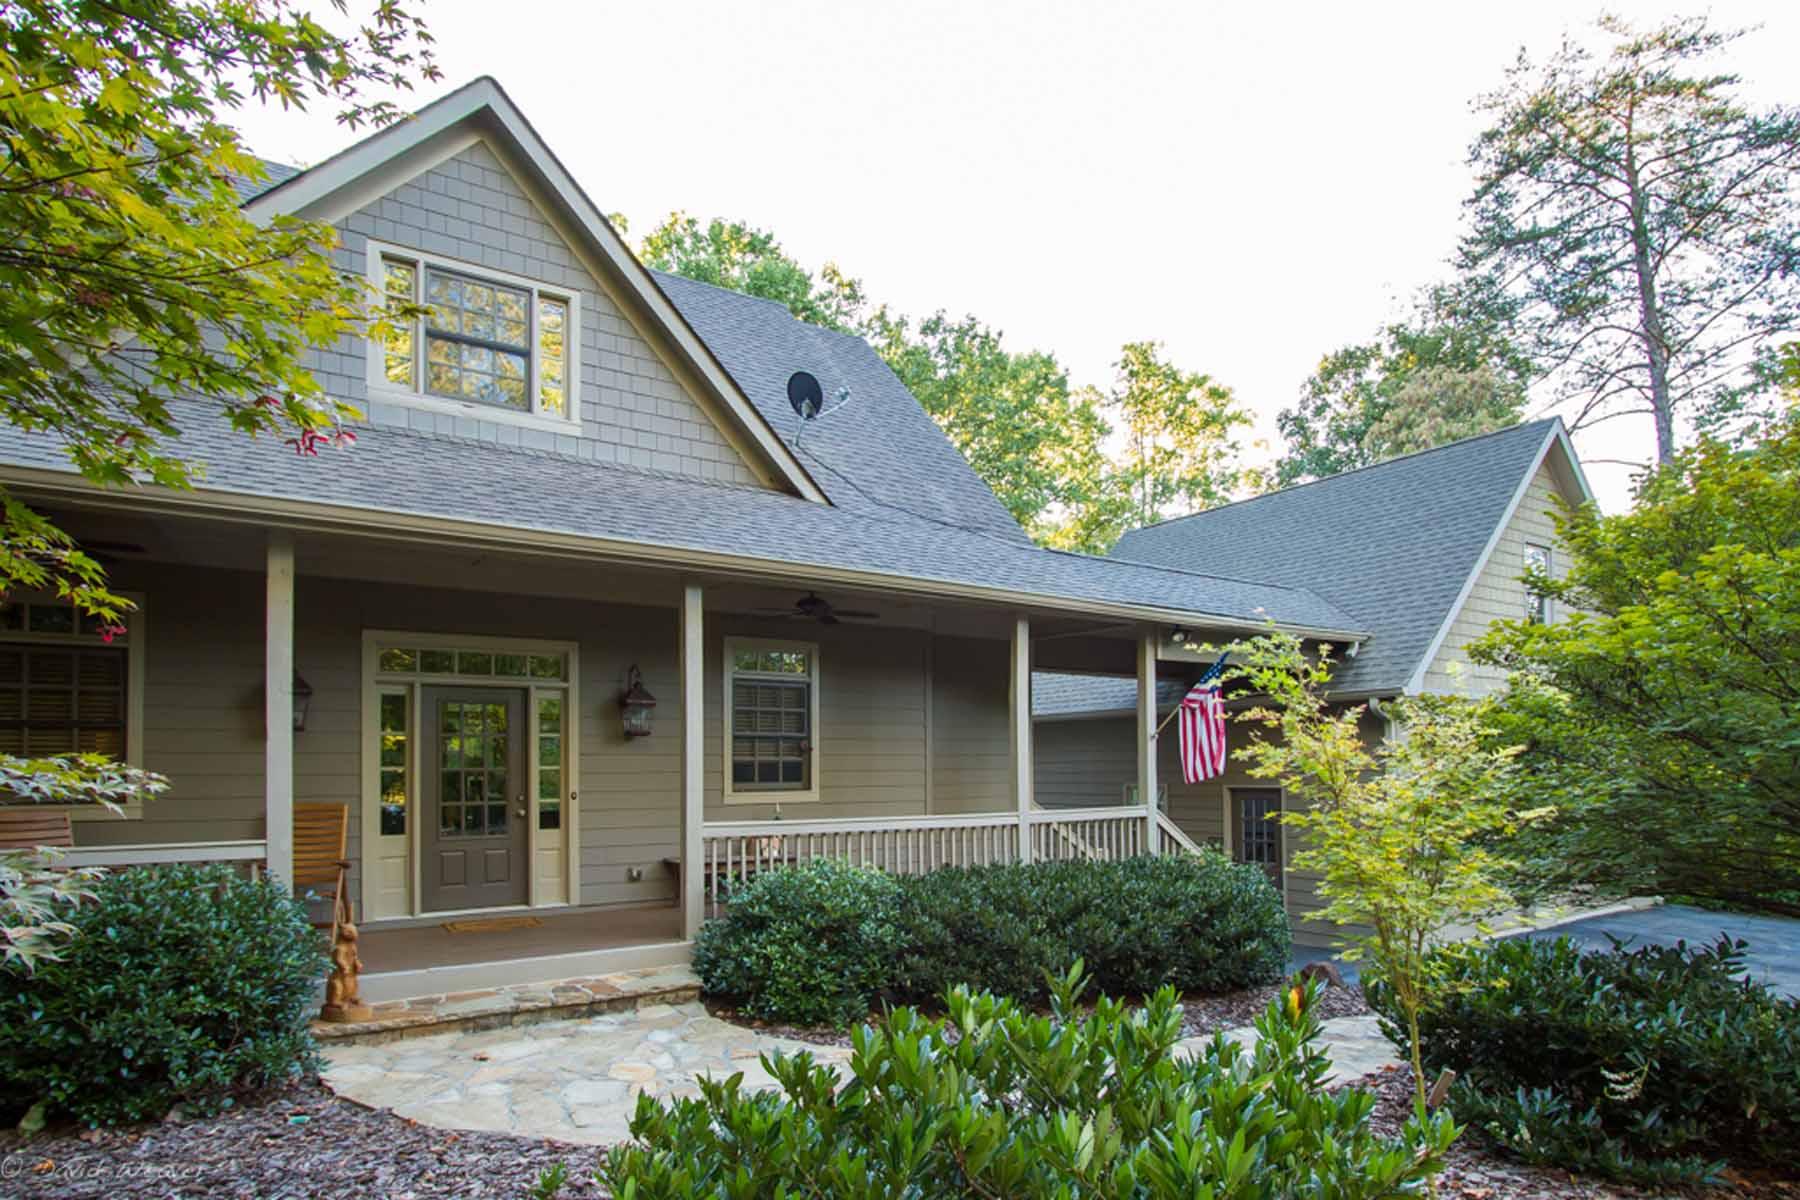 Maison unifamiliale pour l Vente à Impeccable Private Mountain Retreat 250 Gadalutsee Pass Big Canoe, Georgia, 30143 États-Unis